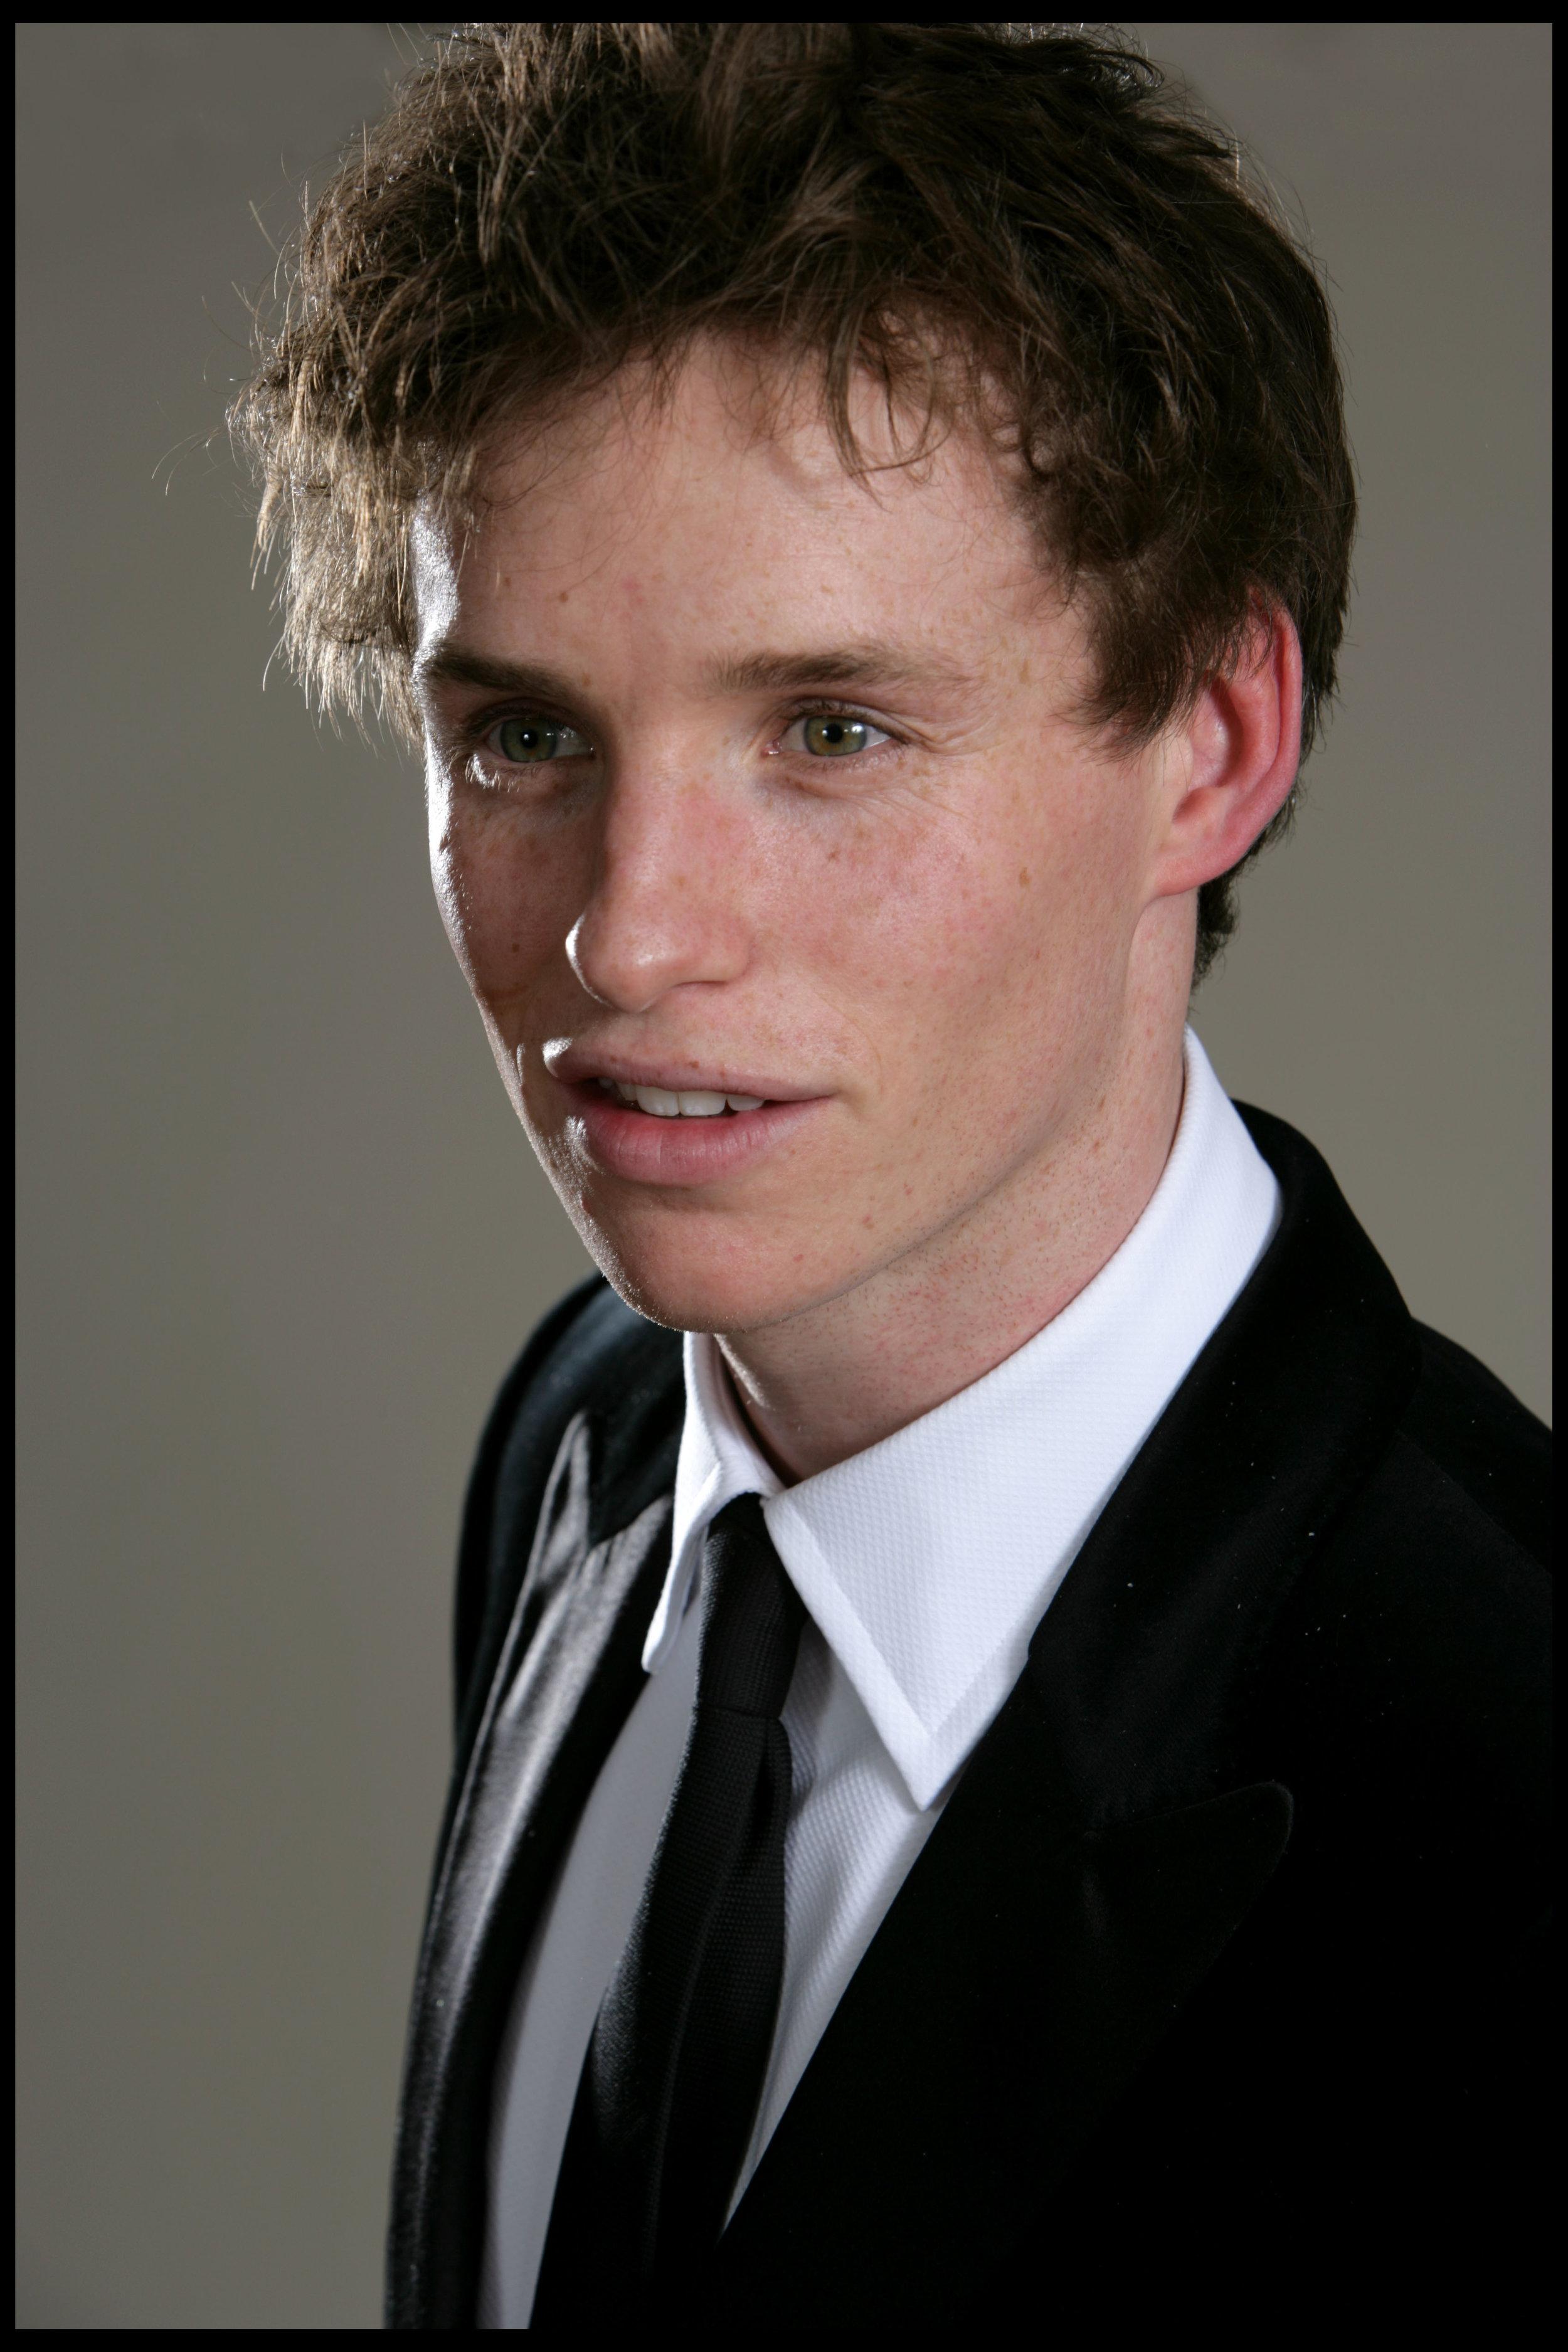 Eddie Redmayne, actor